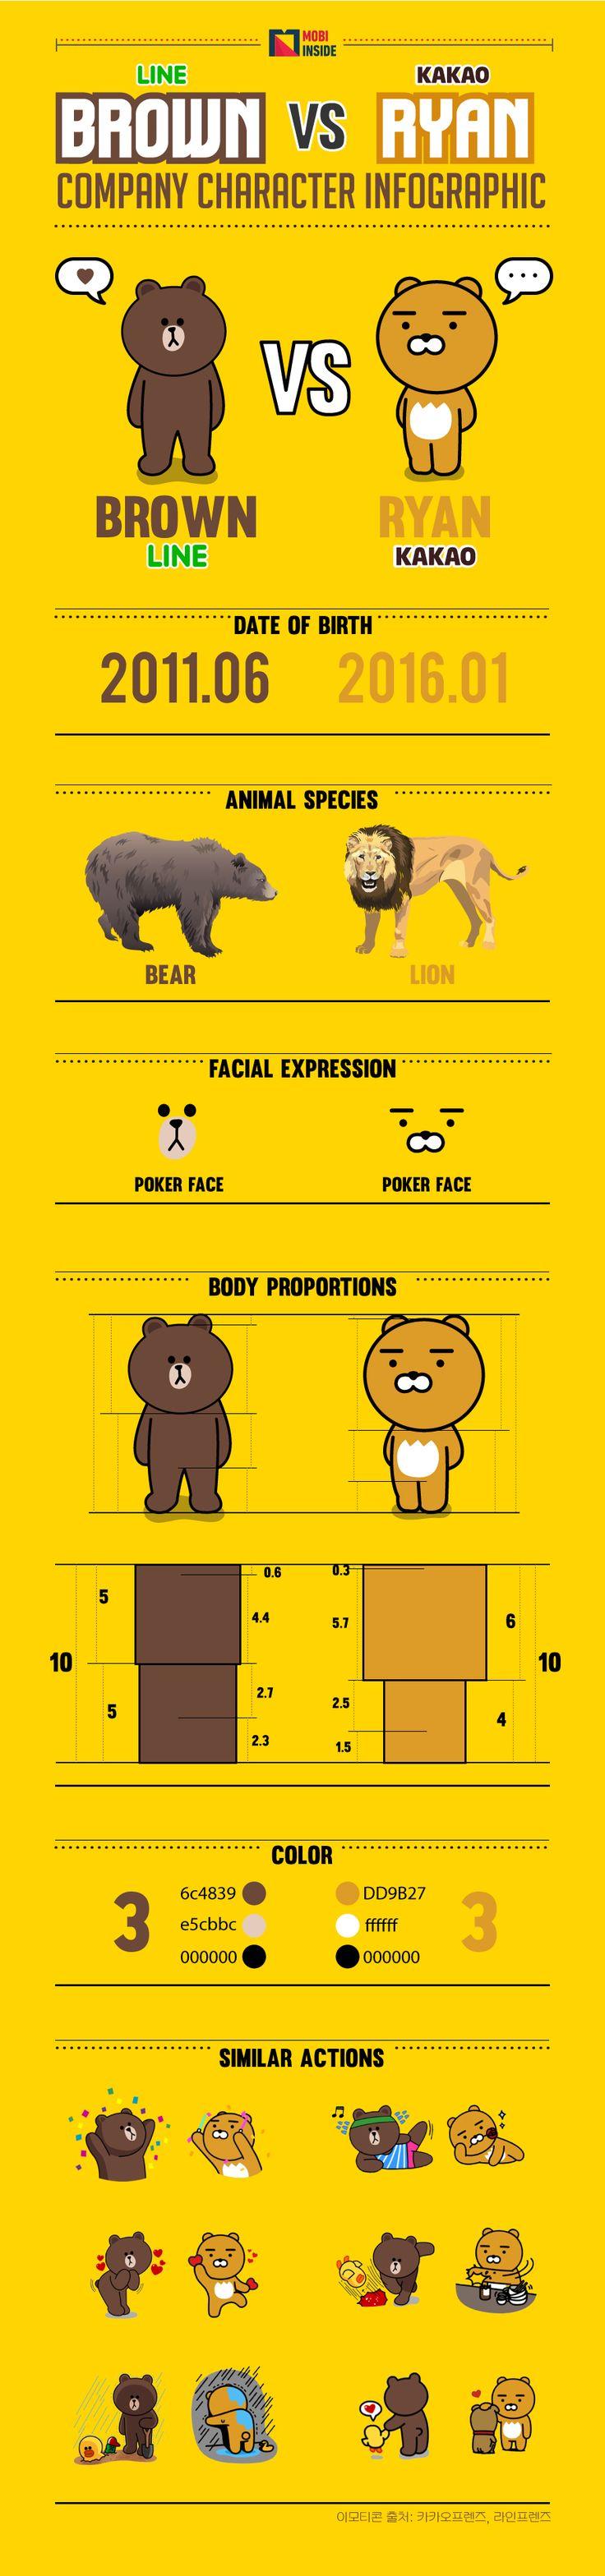 Kakao推出了一個新的表情符號,叫做'RYAN'. 小編首次看到這個RYAN, 就認為是個熊, 而Kakao表示…